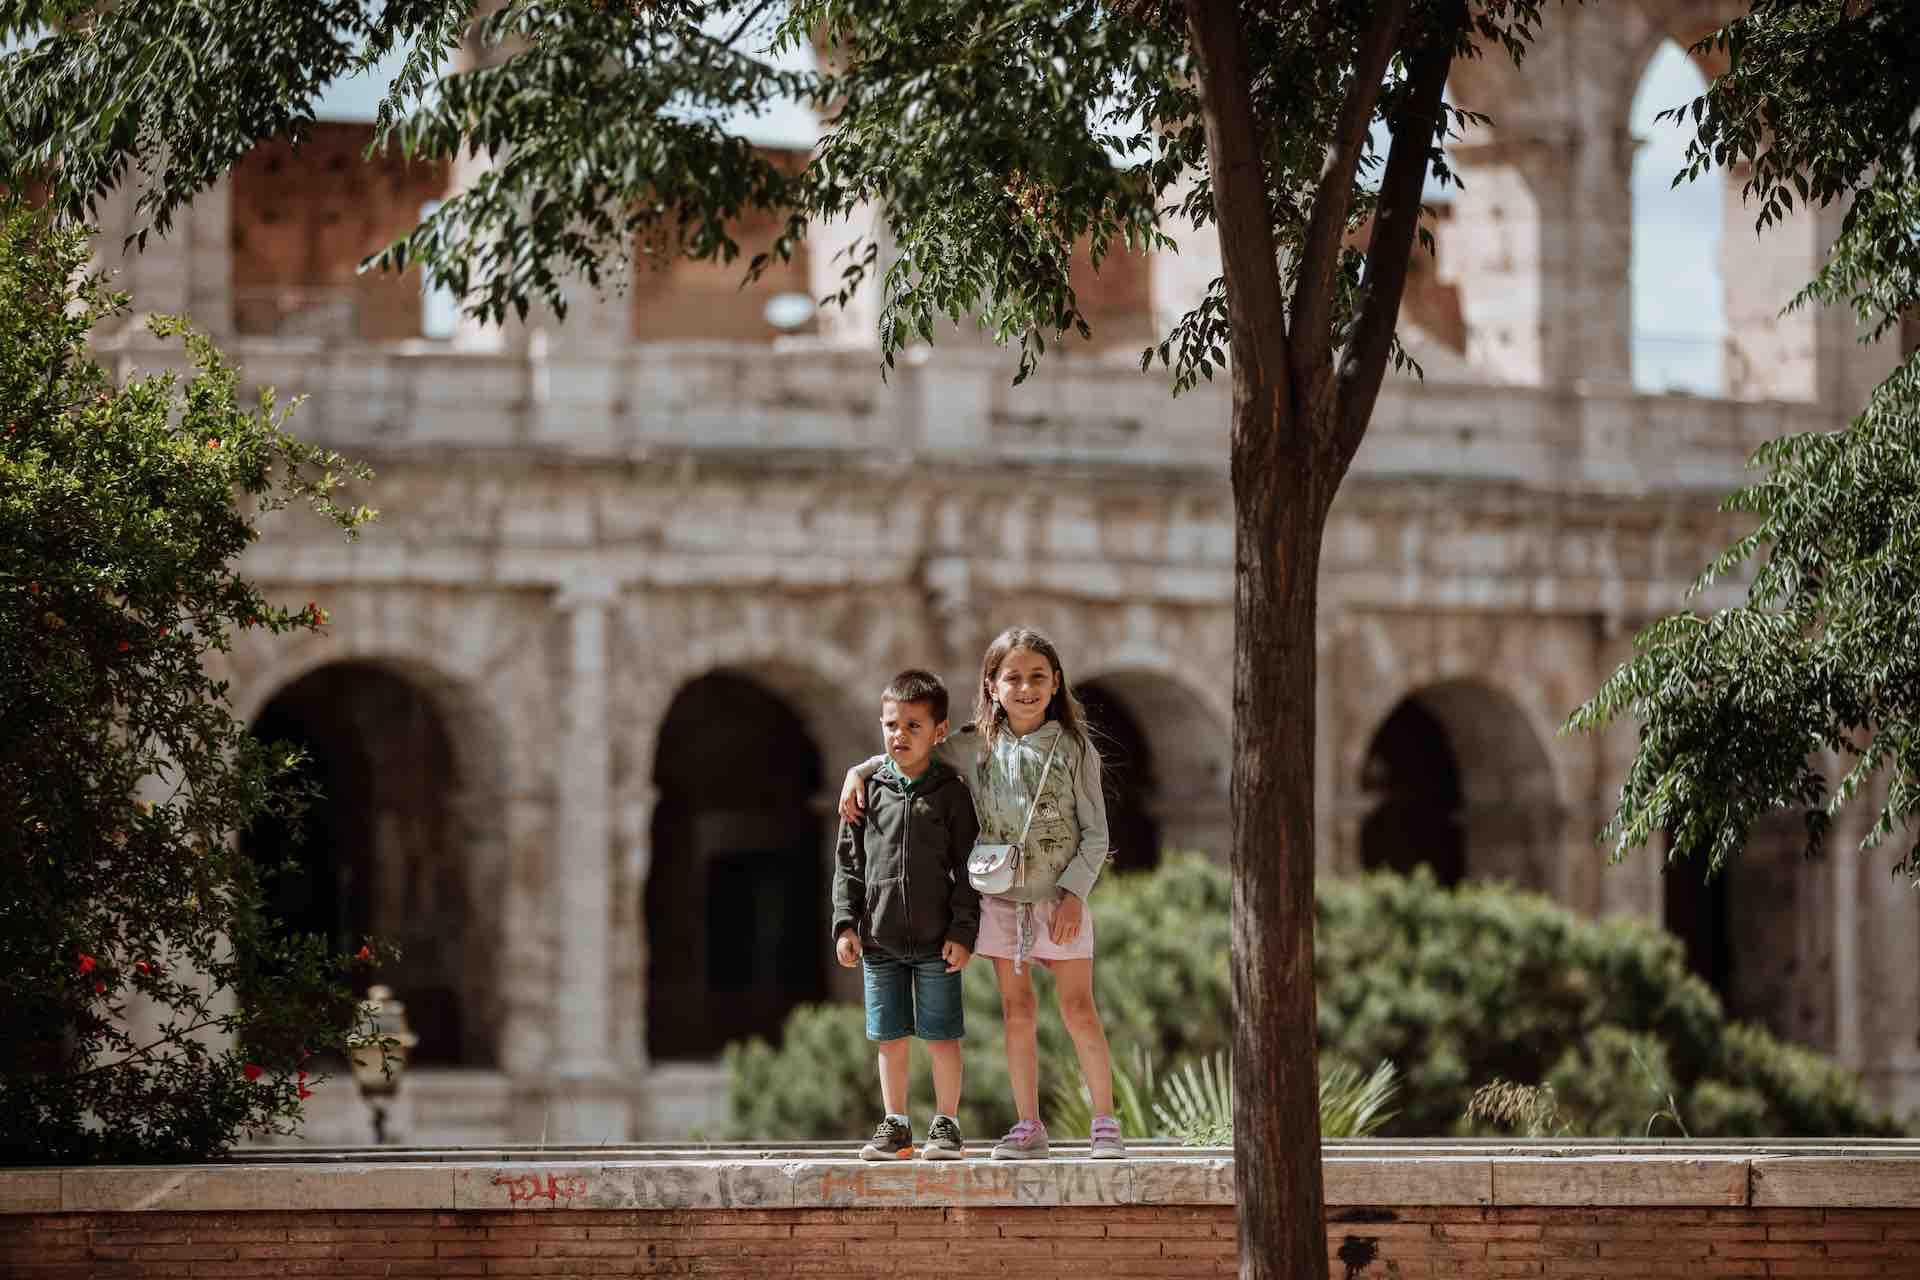 Kids outside the Colosseum